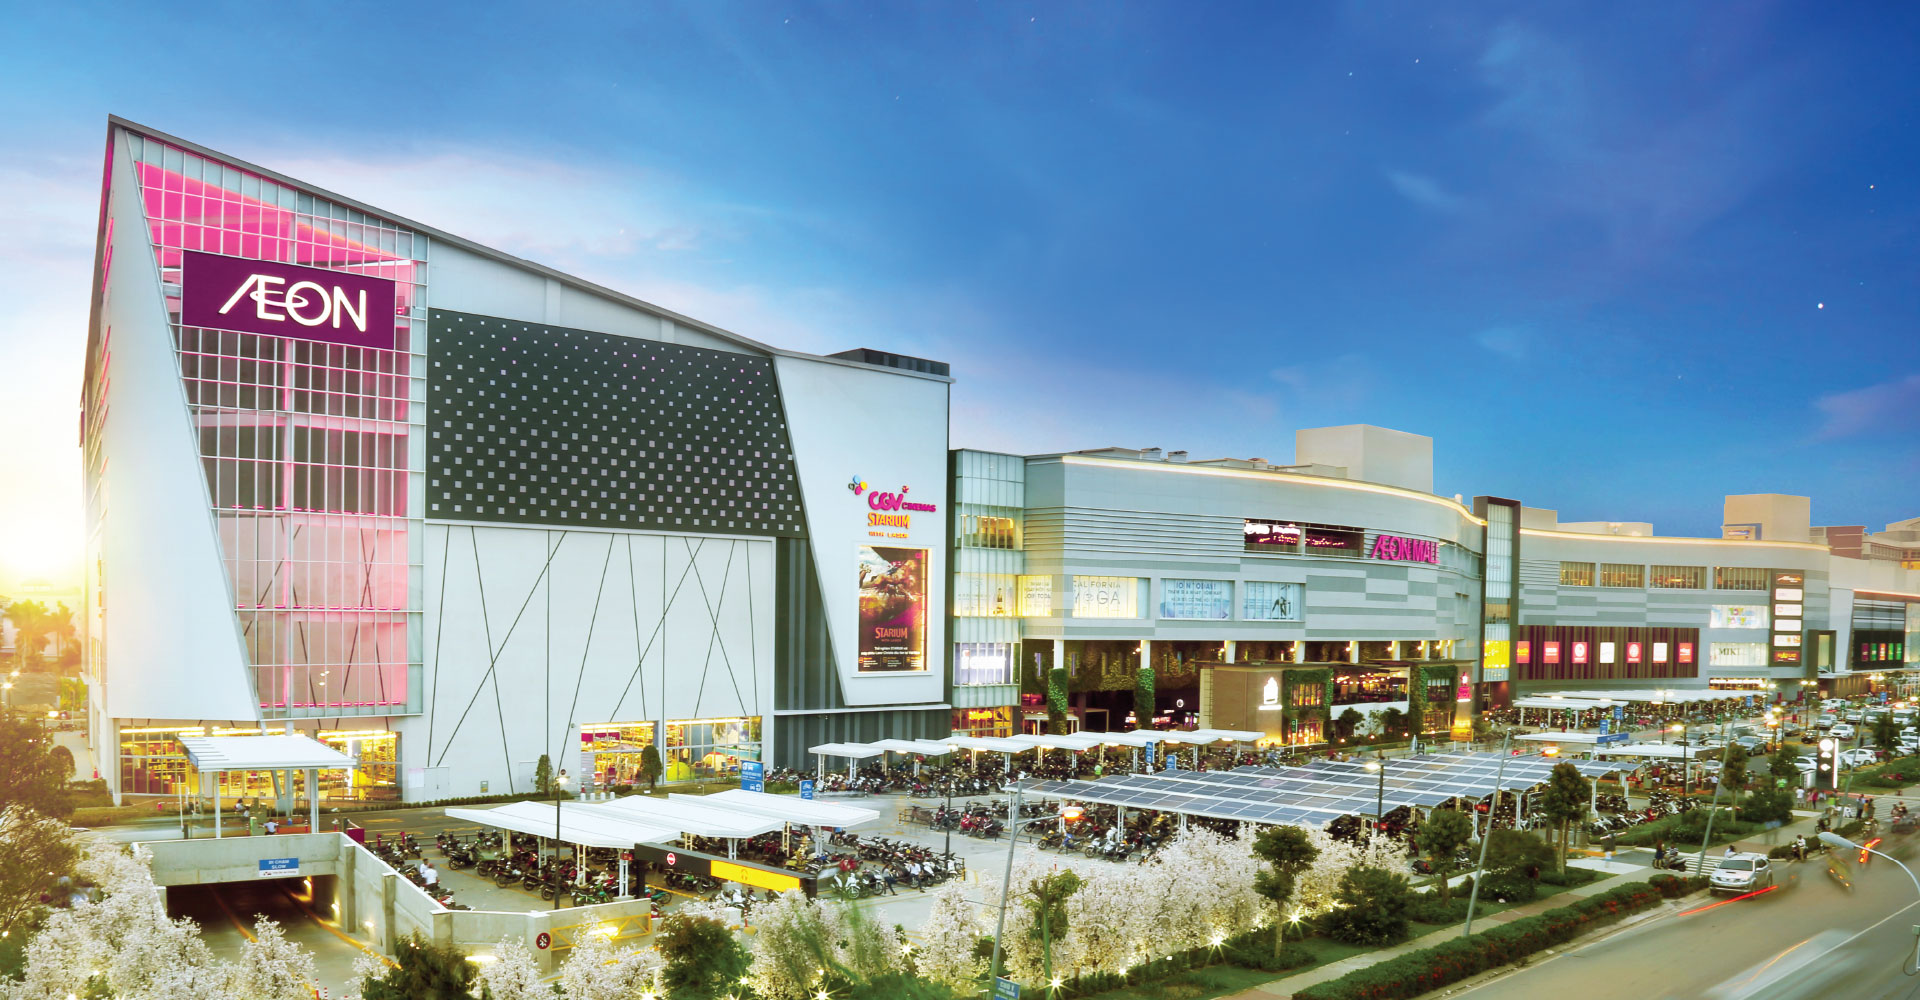 Đại siêu thị Aeon Mall Bình Tân ngay cạnh dự án Moonlight Boulevard Hưng Thịnh